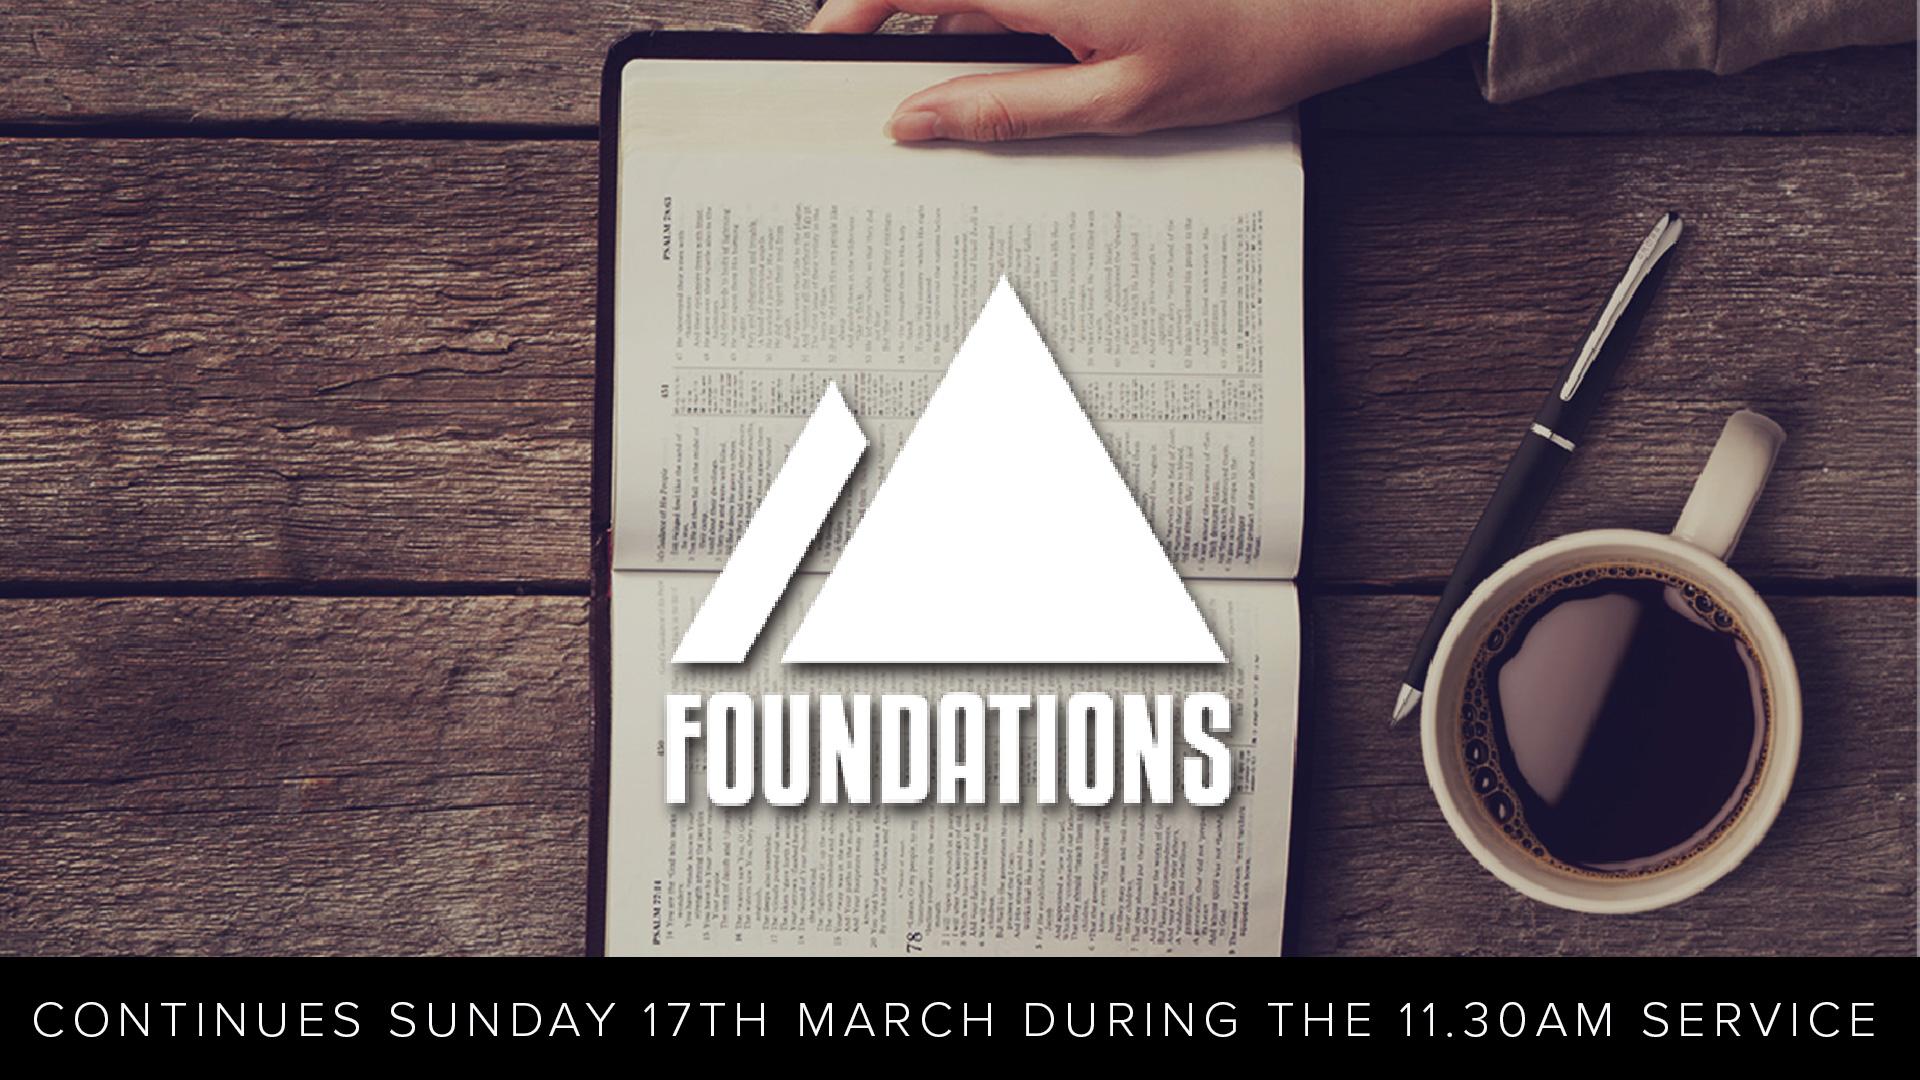 DNA-foundations-1980x1020-17th-mar.jpg